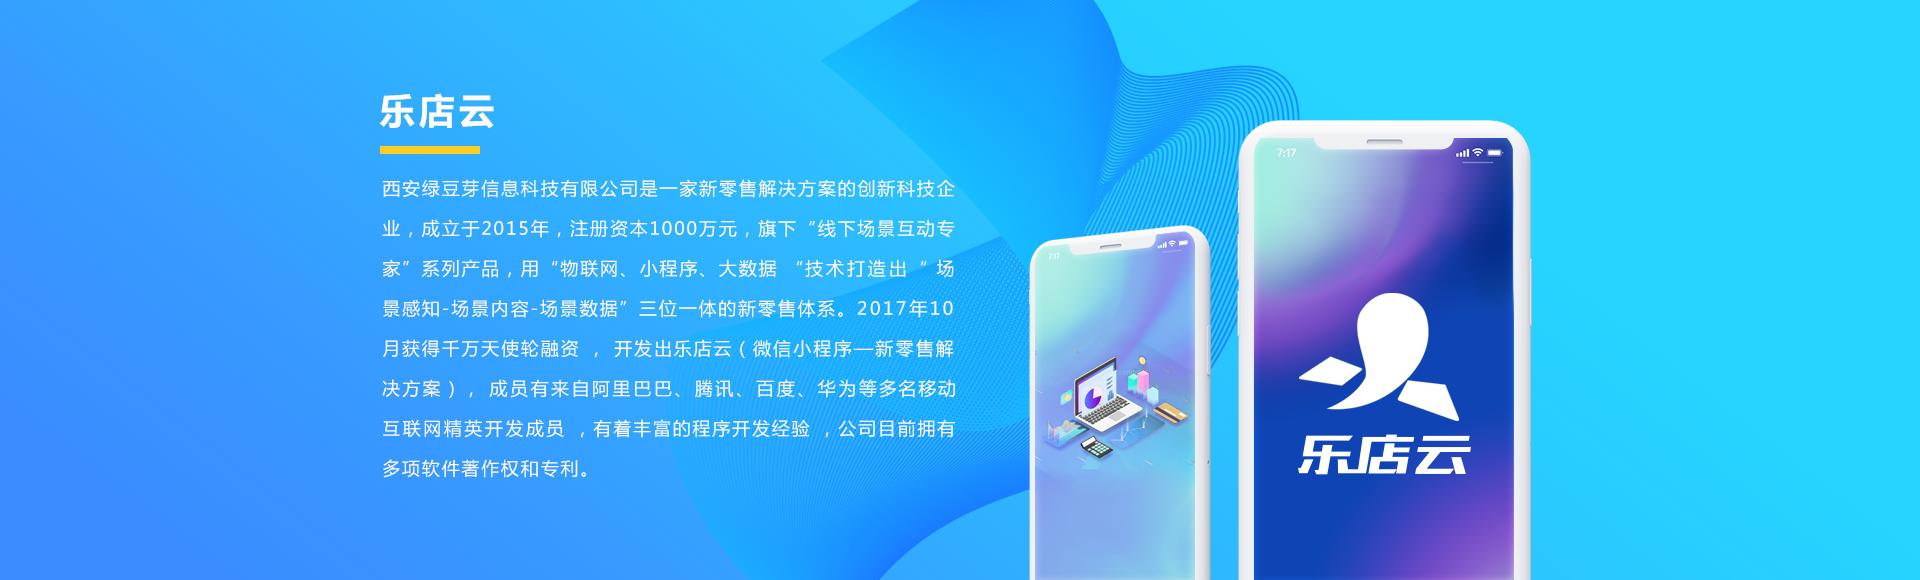 乐店云-小程序模板|微信小程序开发工具|微信小程序制作平台|新零售解决方案-关于乐店云